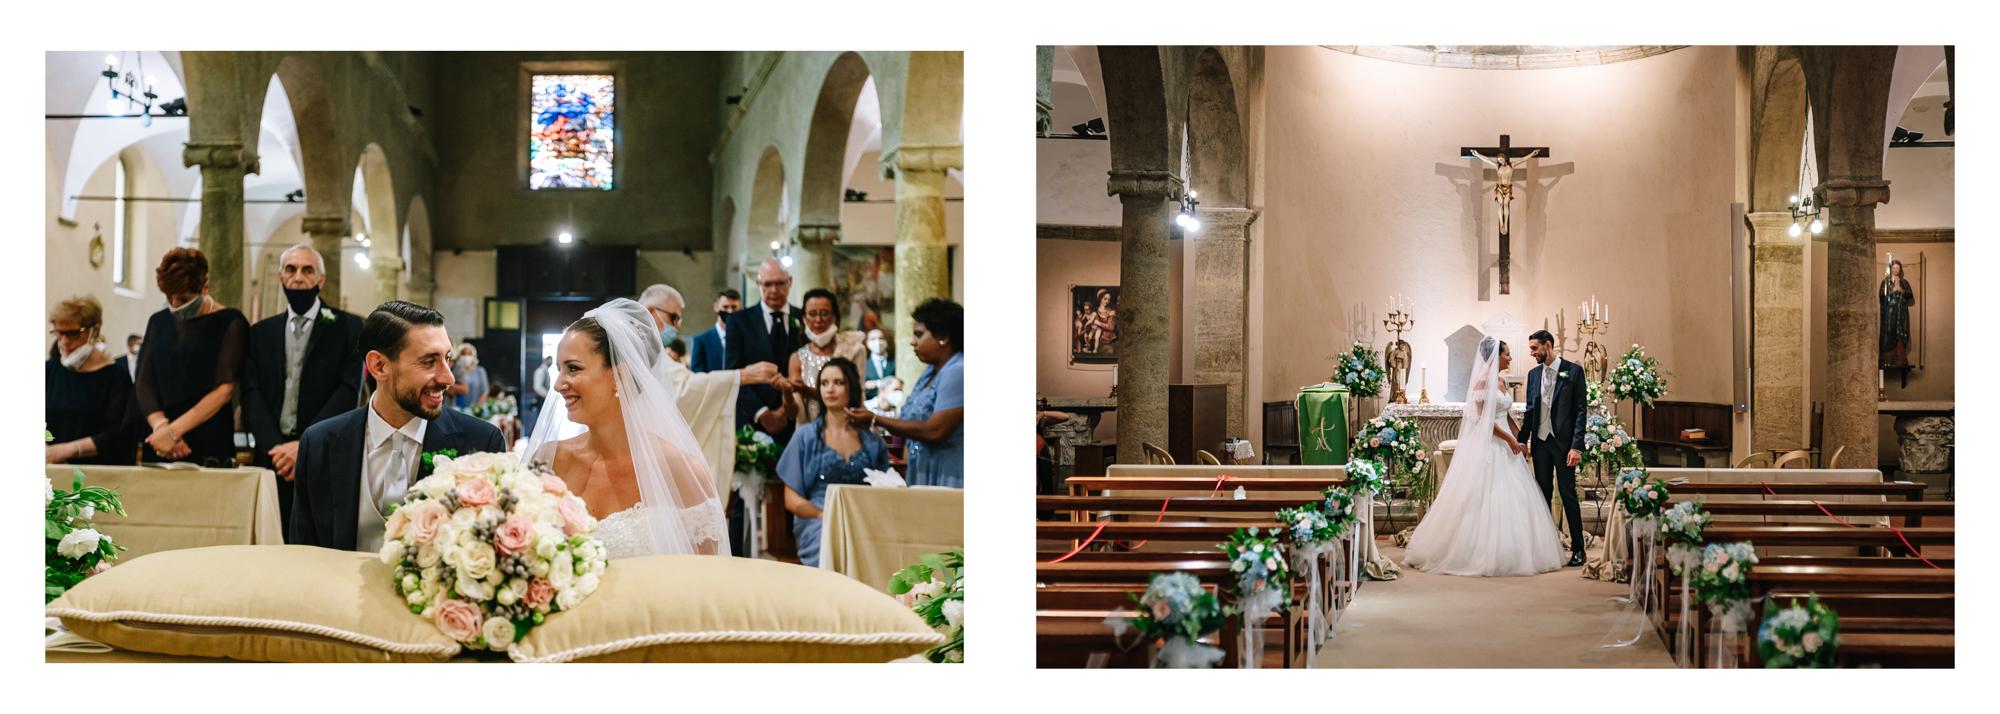 chiesa sposi matrimonio frascati